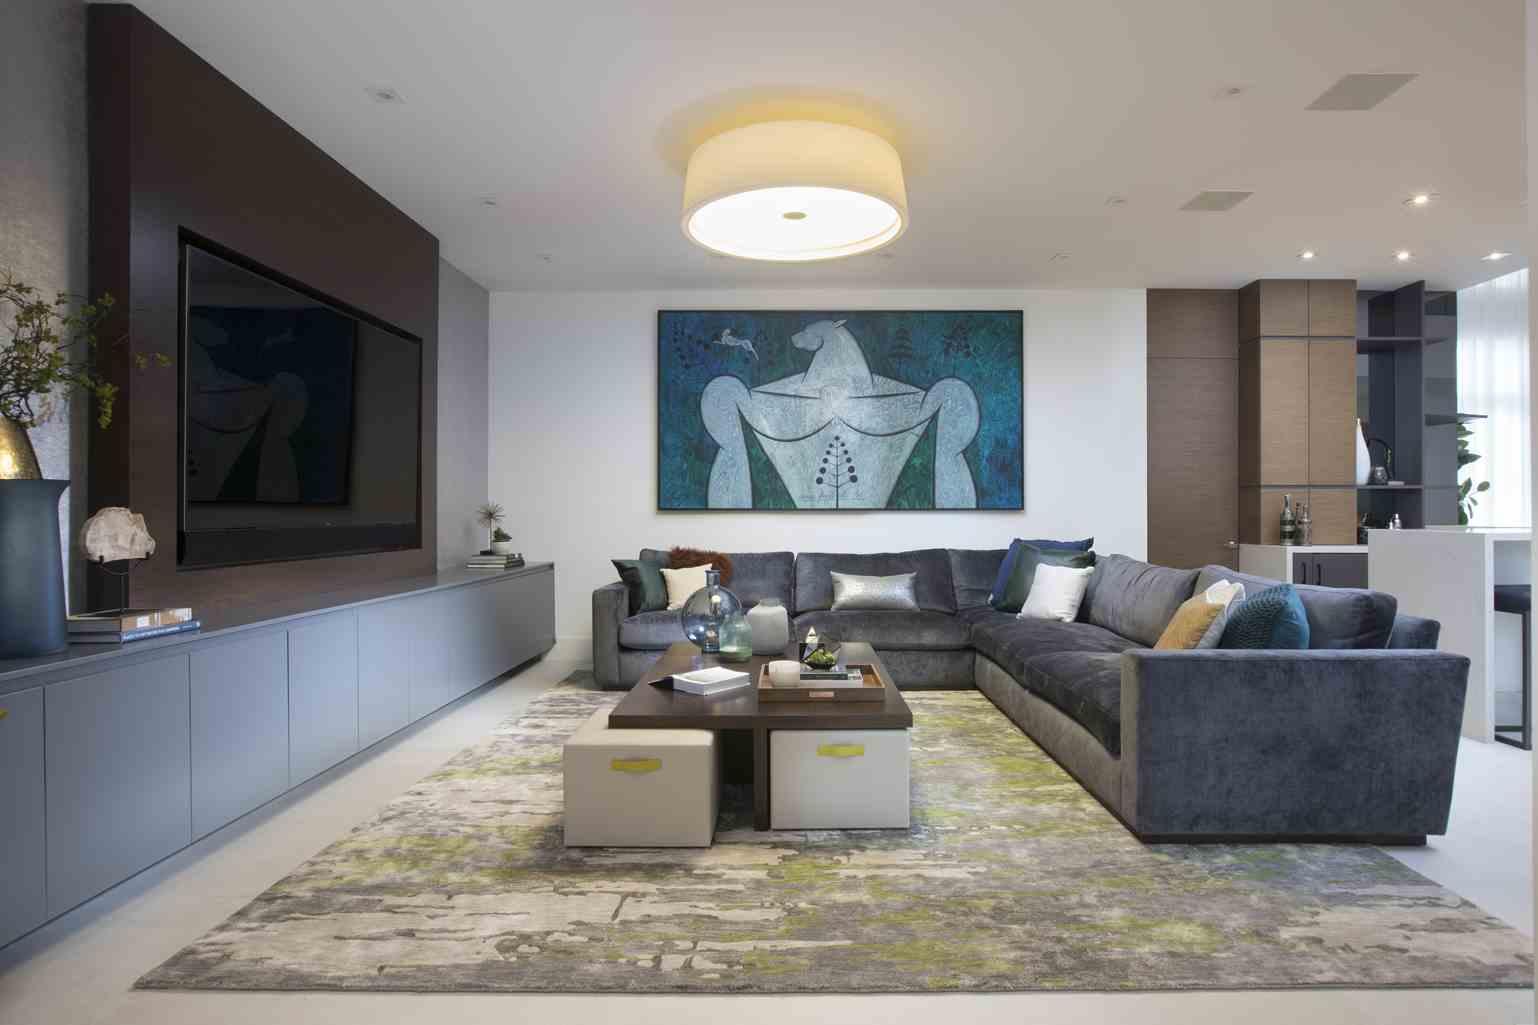 Media Room Ideas  Residential Interior Design from DKOR